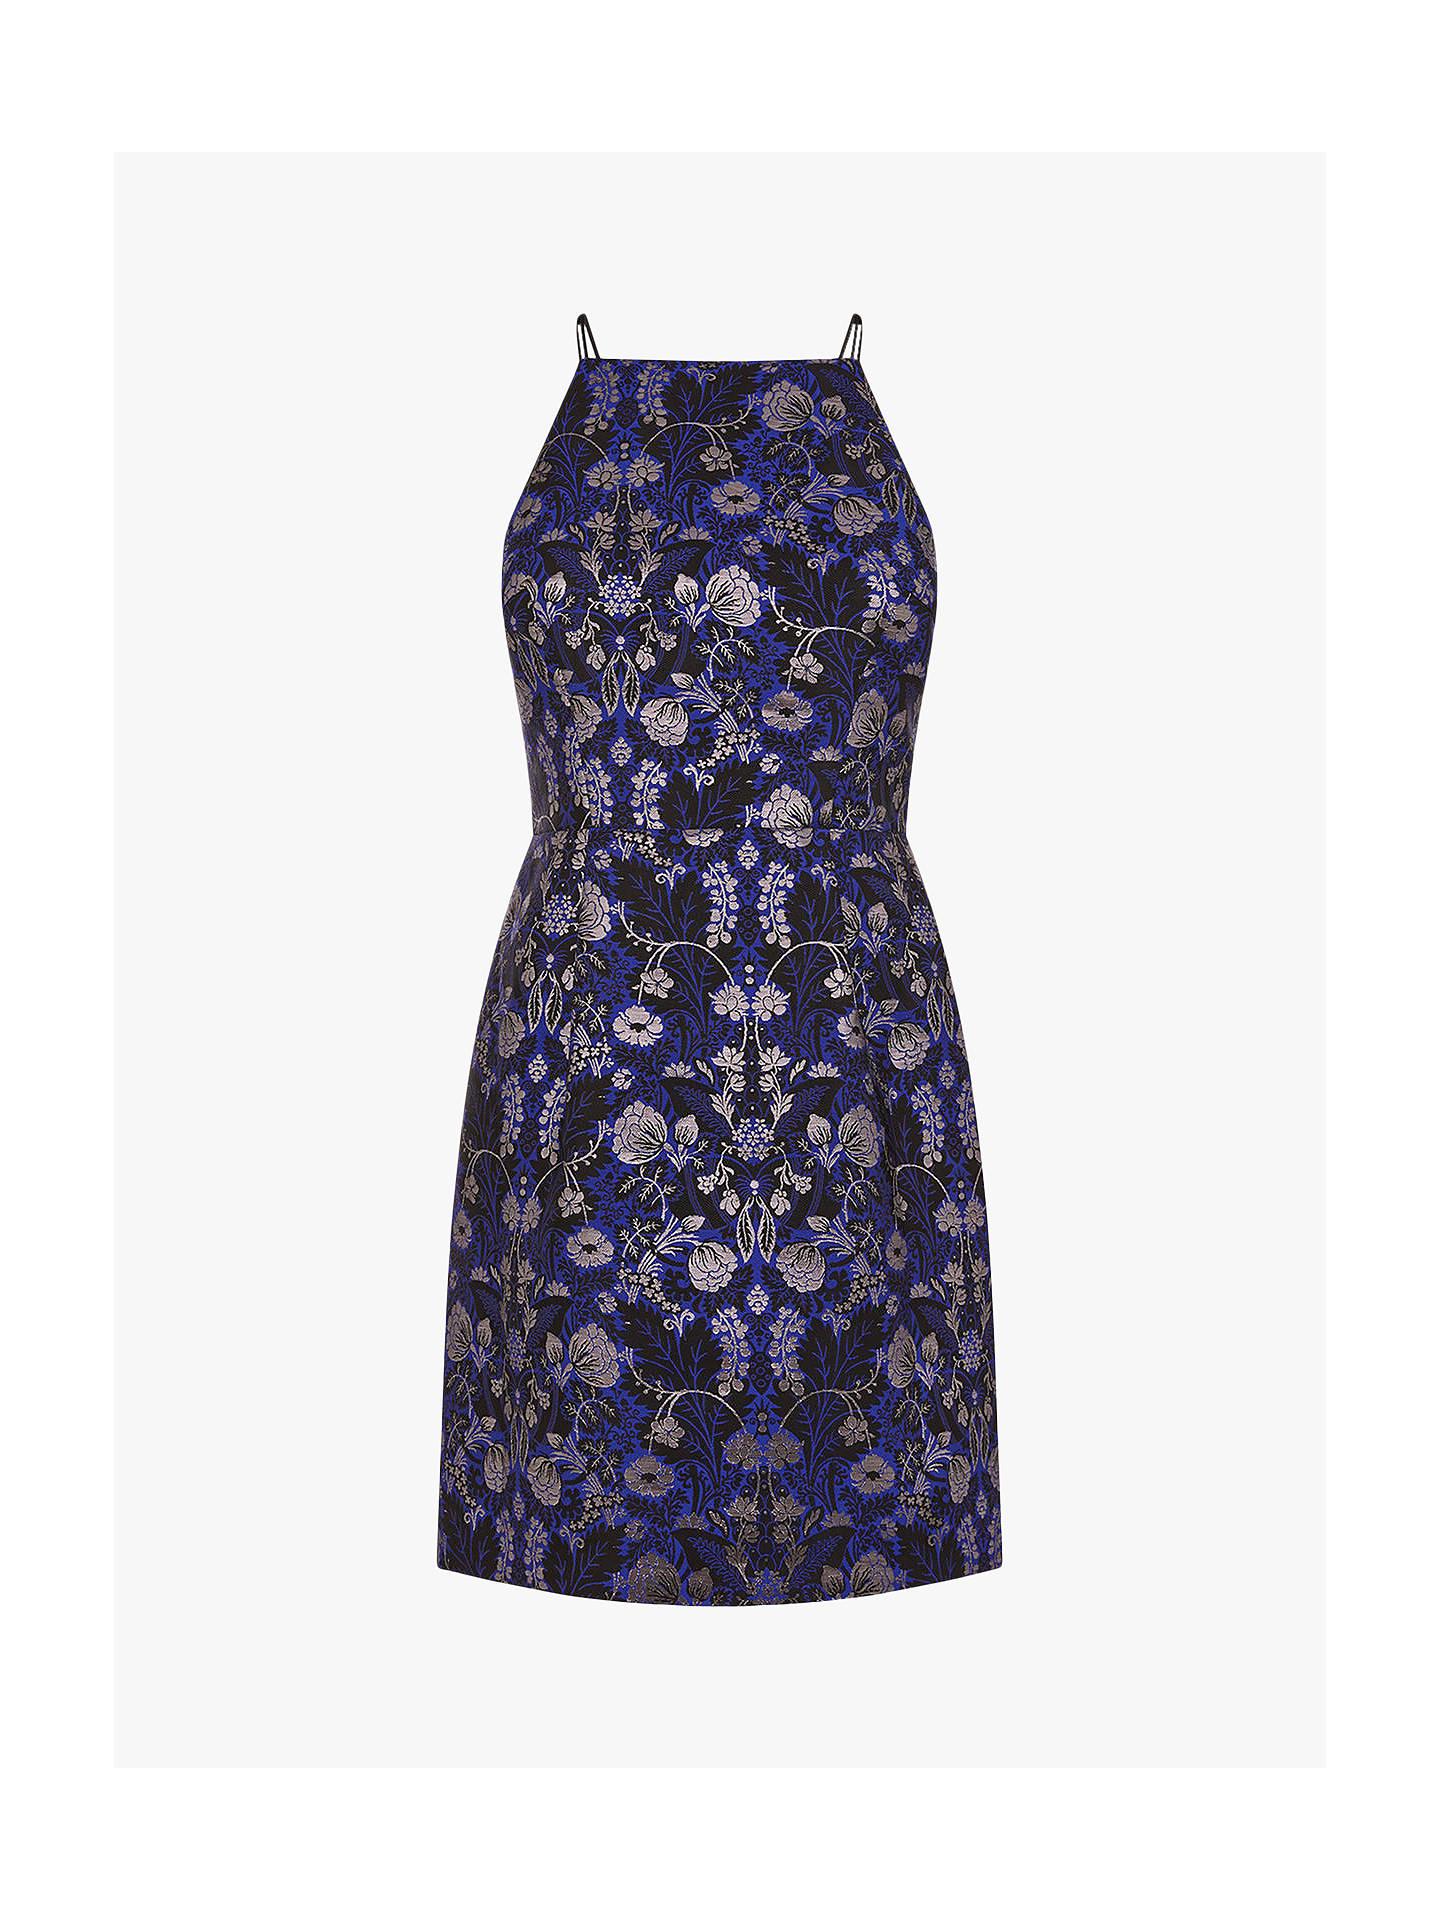 3490b8733a ... BuyOasis Lace Warner Lack Back Jacquard Shift Dress